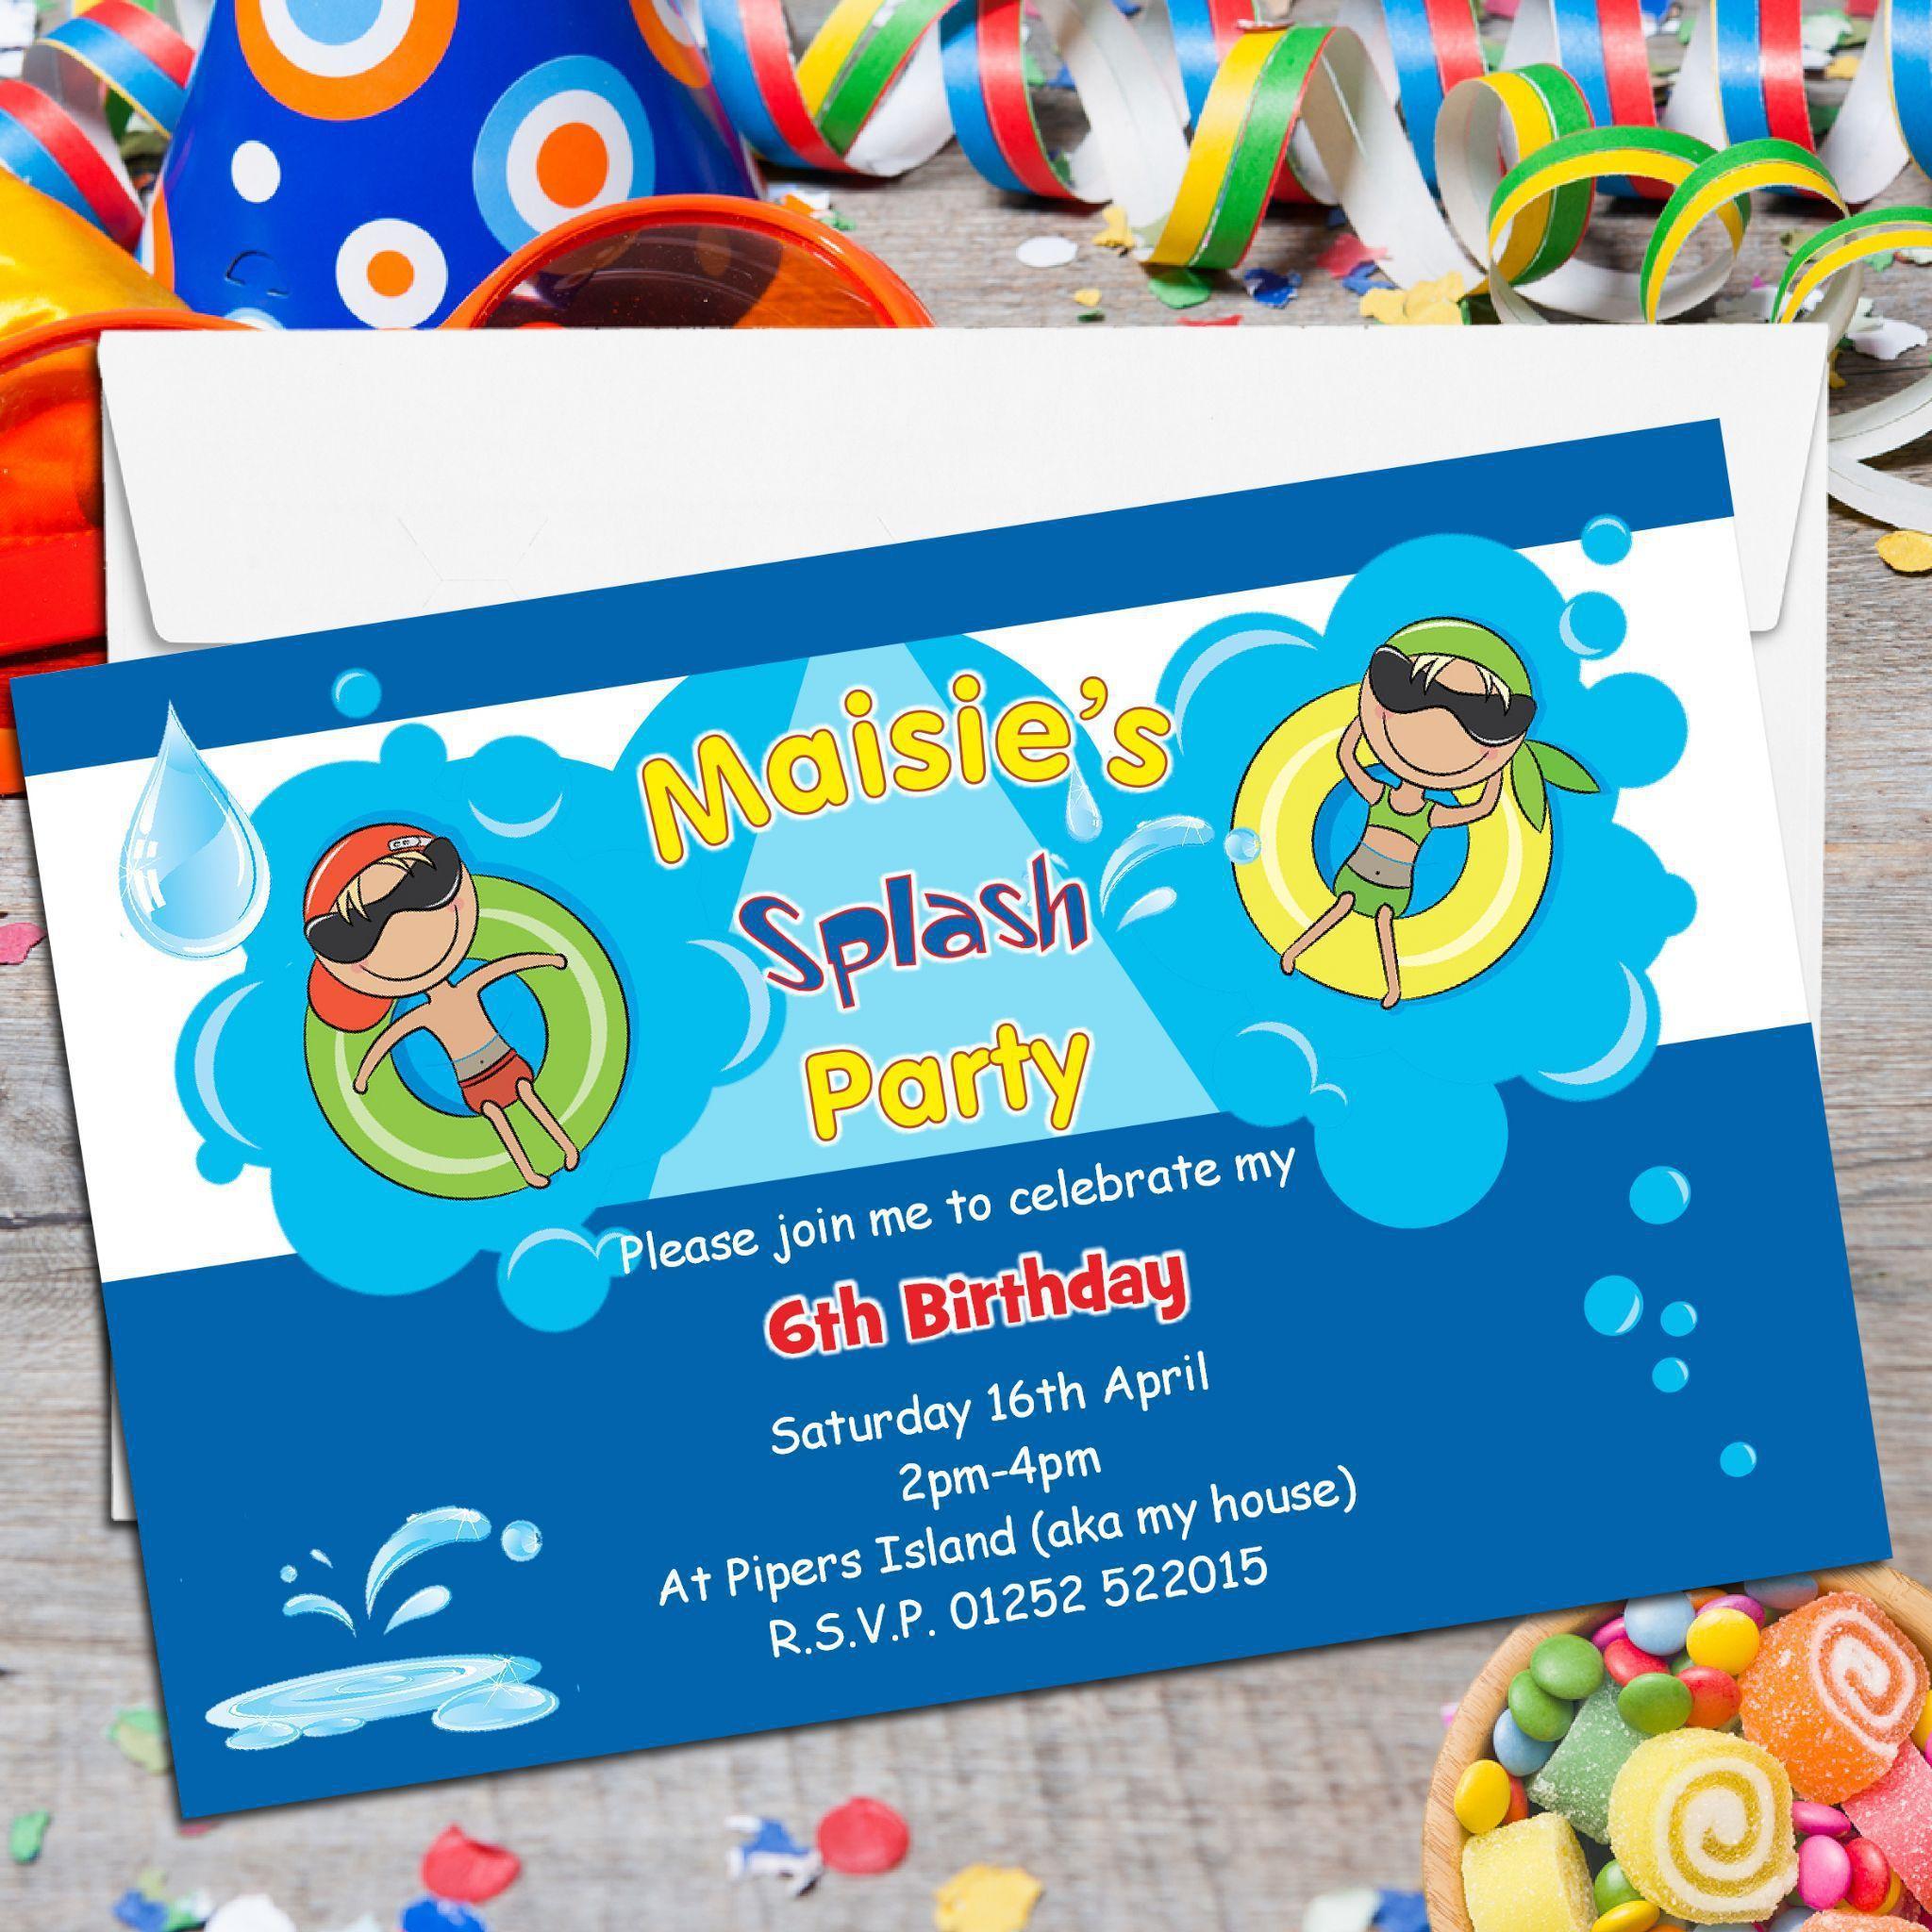 Einladungskarten Schwimmbad Party Einladung Kindergeburtstag Geburtstagseinladungen Zum Ausdrucken Elegante Einladungen